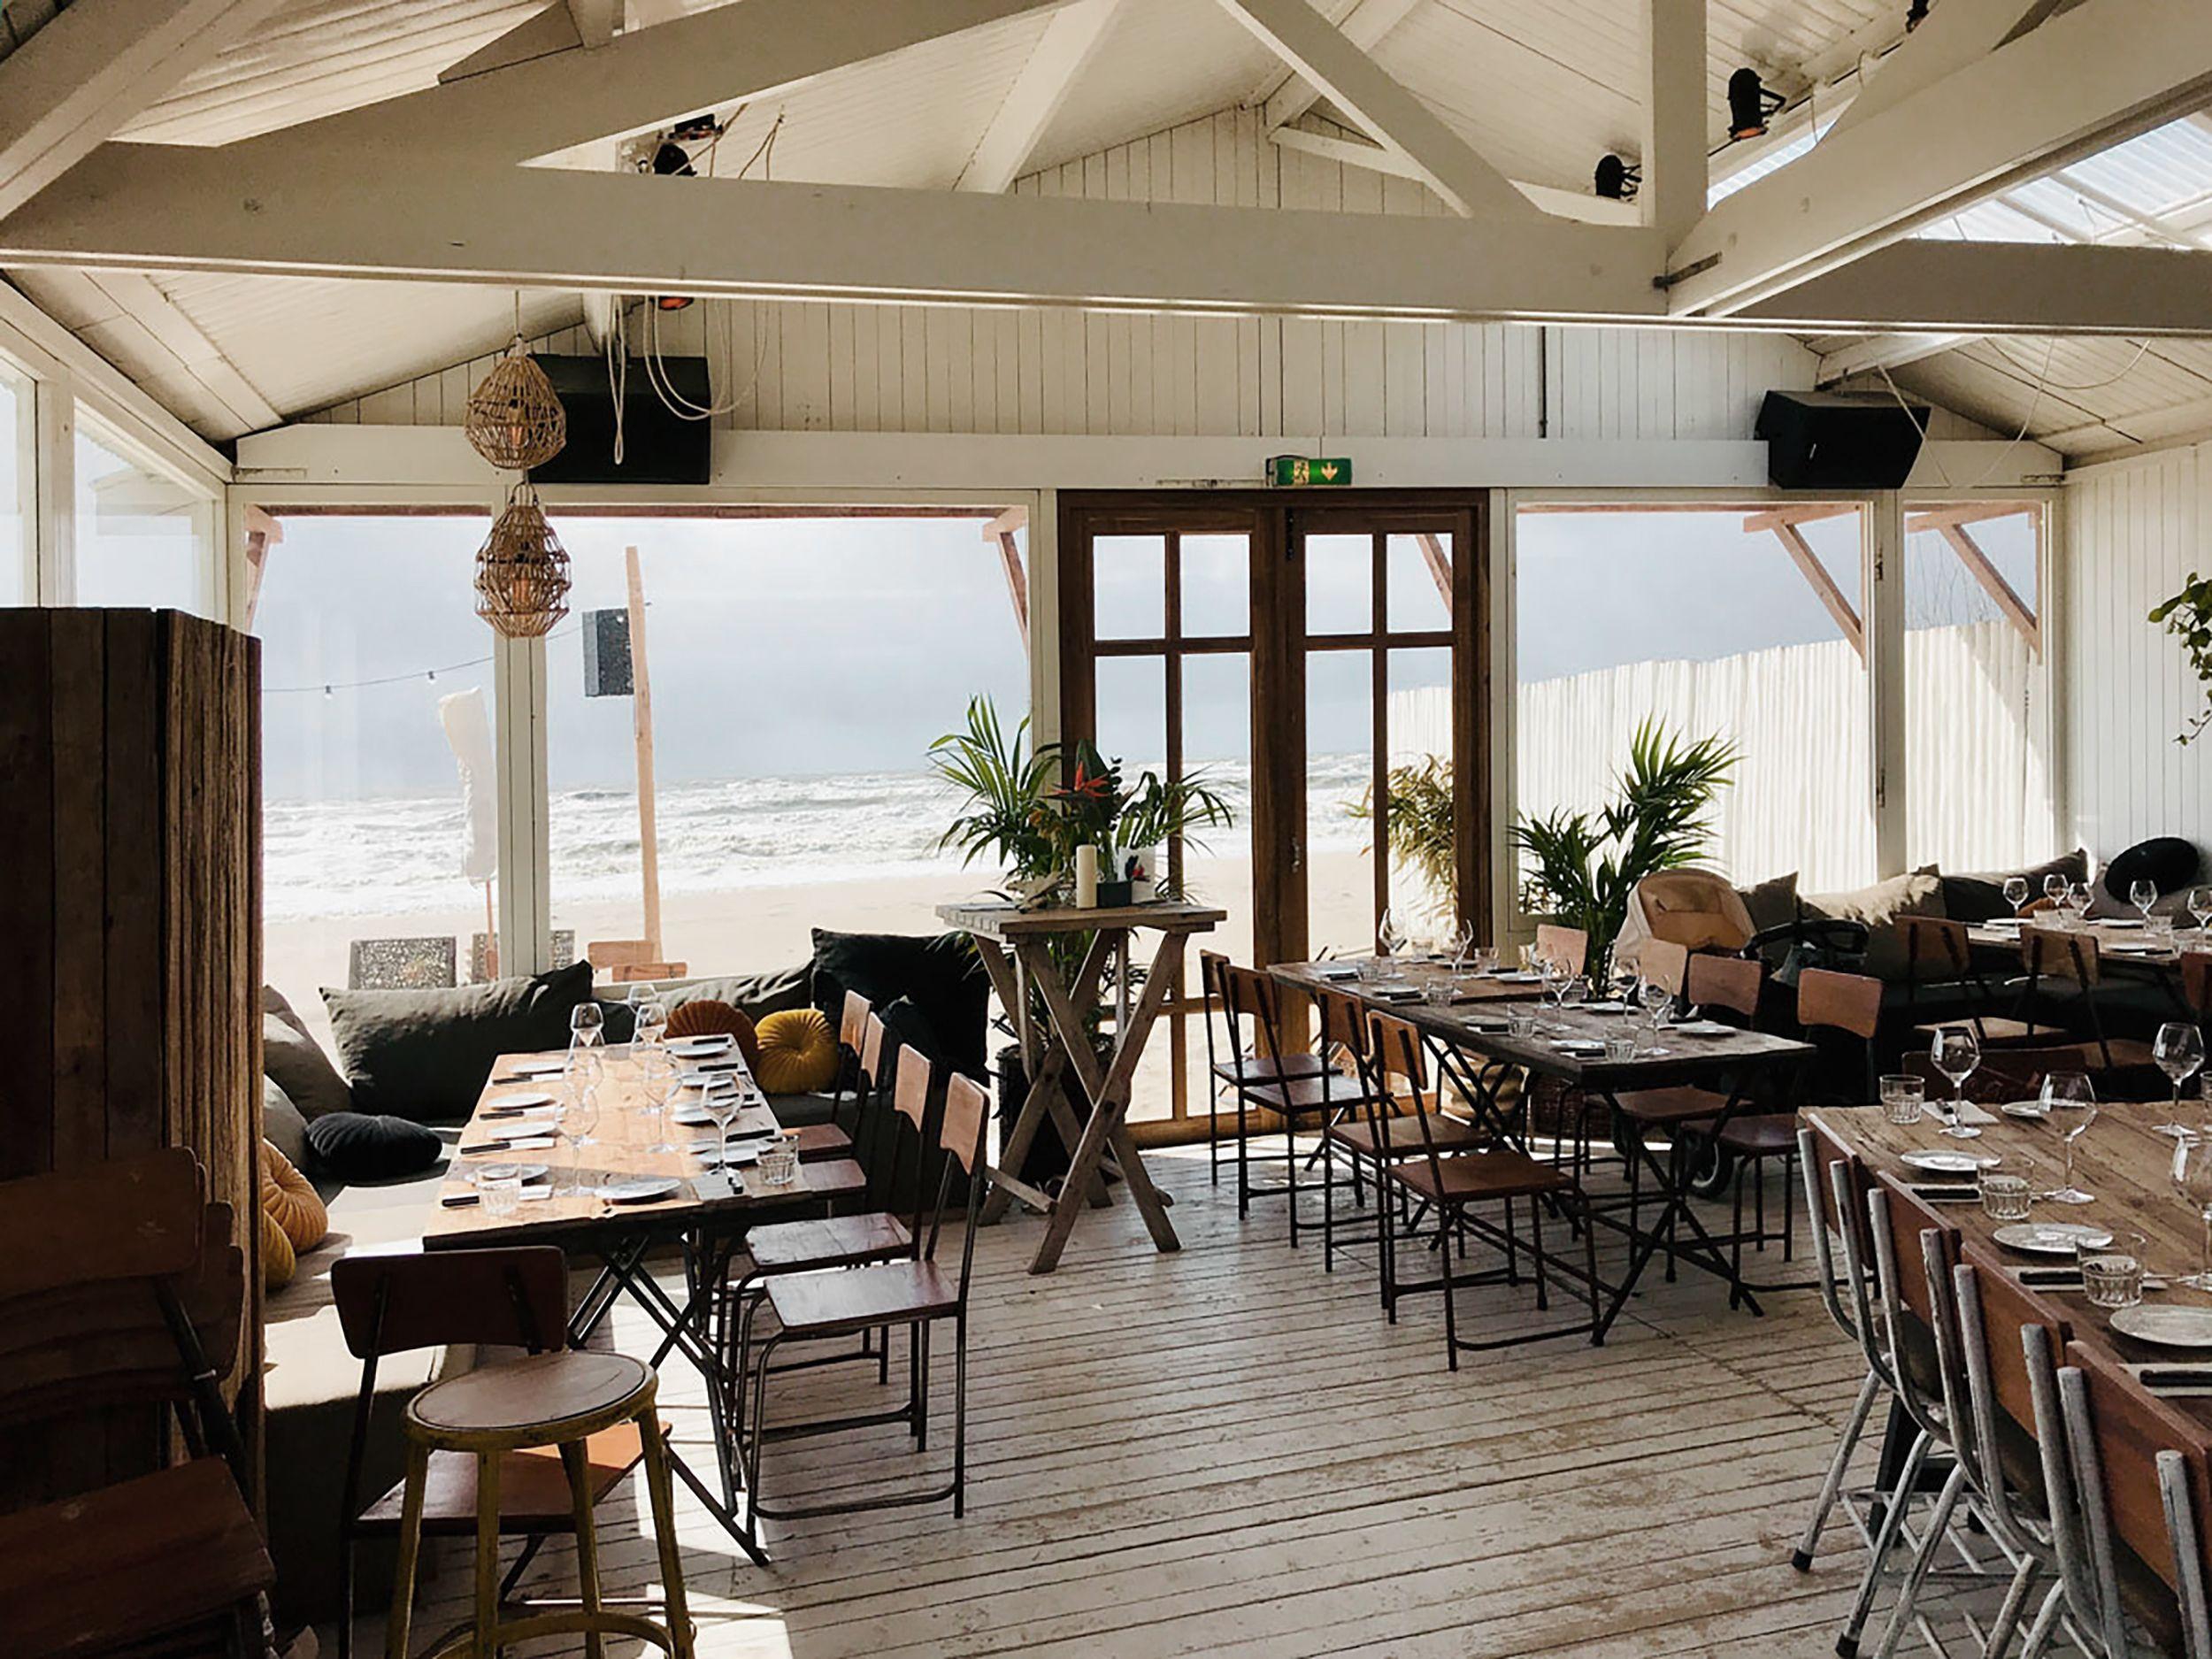 Hippie Fish Beach House Hochzeitslocation Zandvoort Niederlande Holland Schwingturen House Niederlande Holland